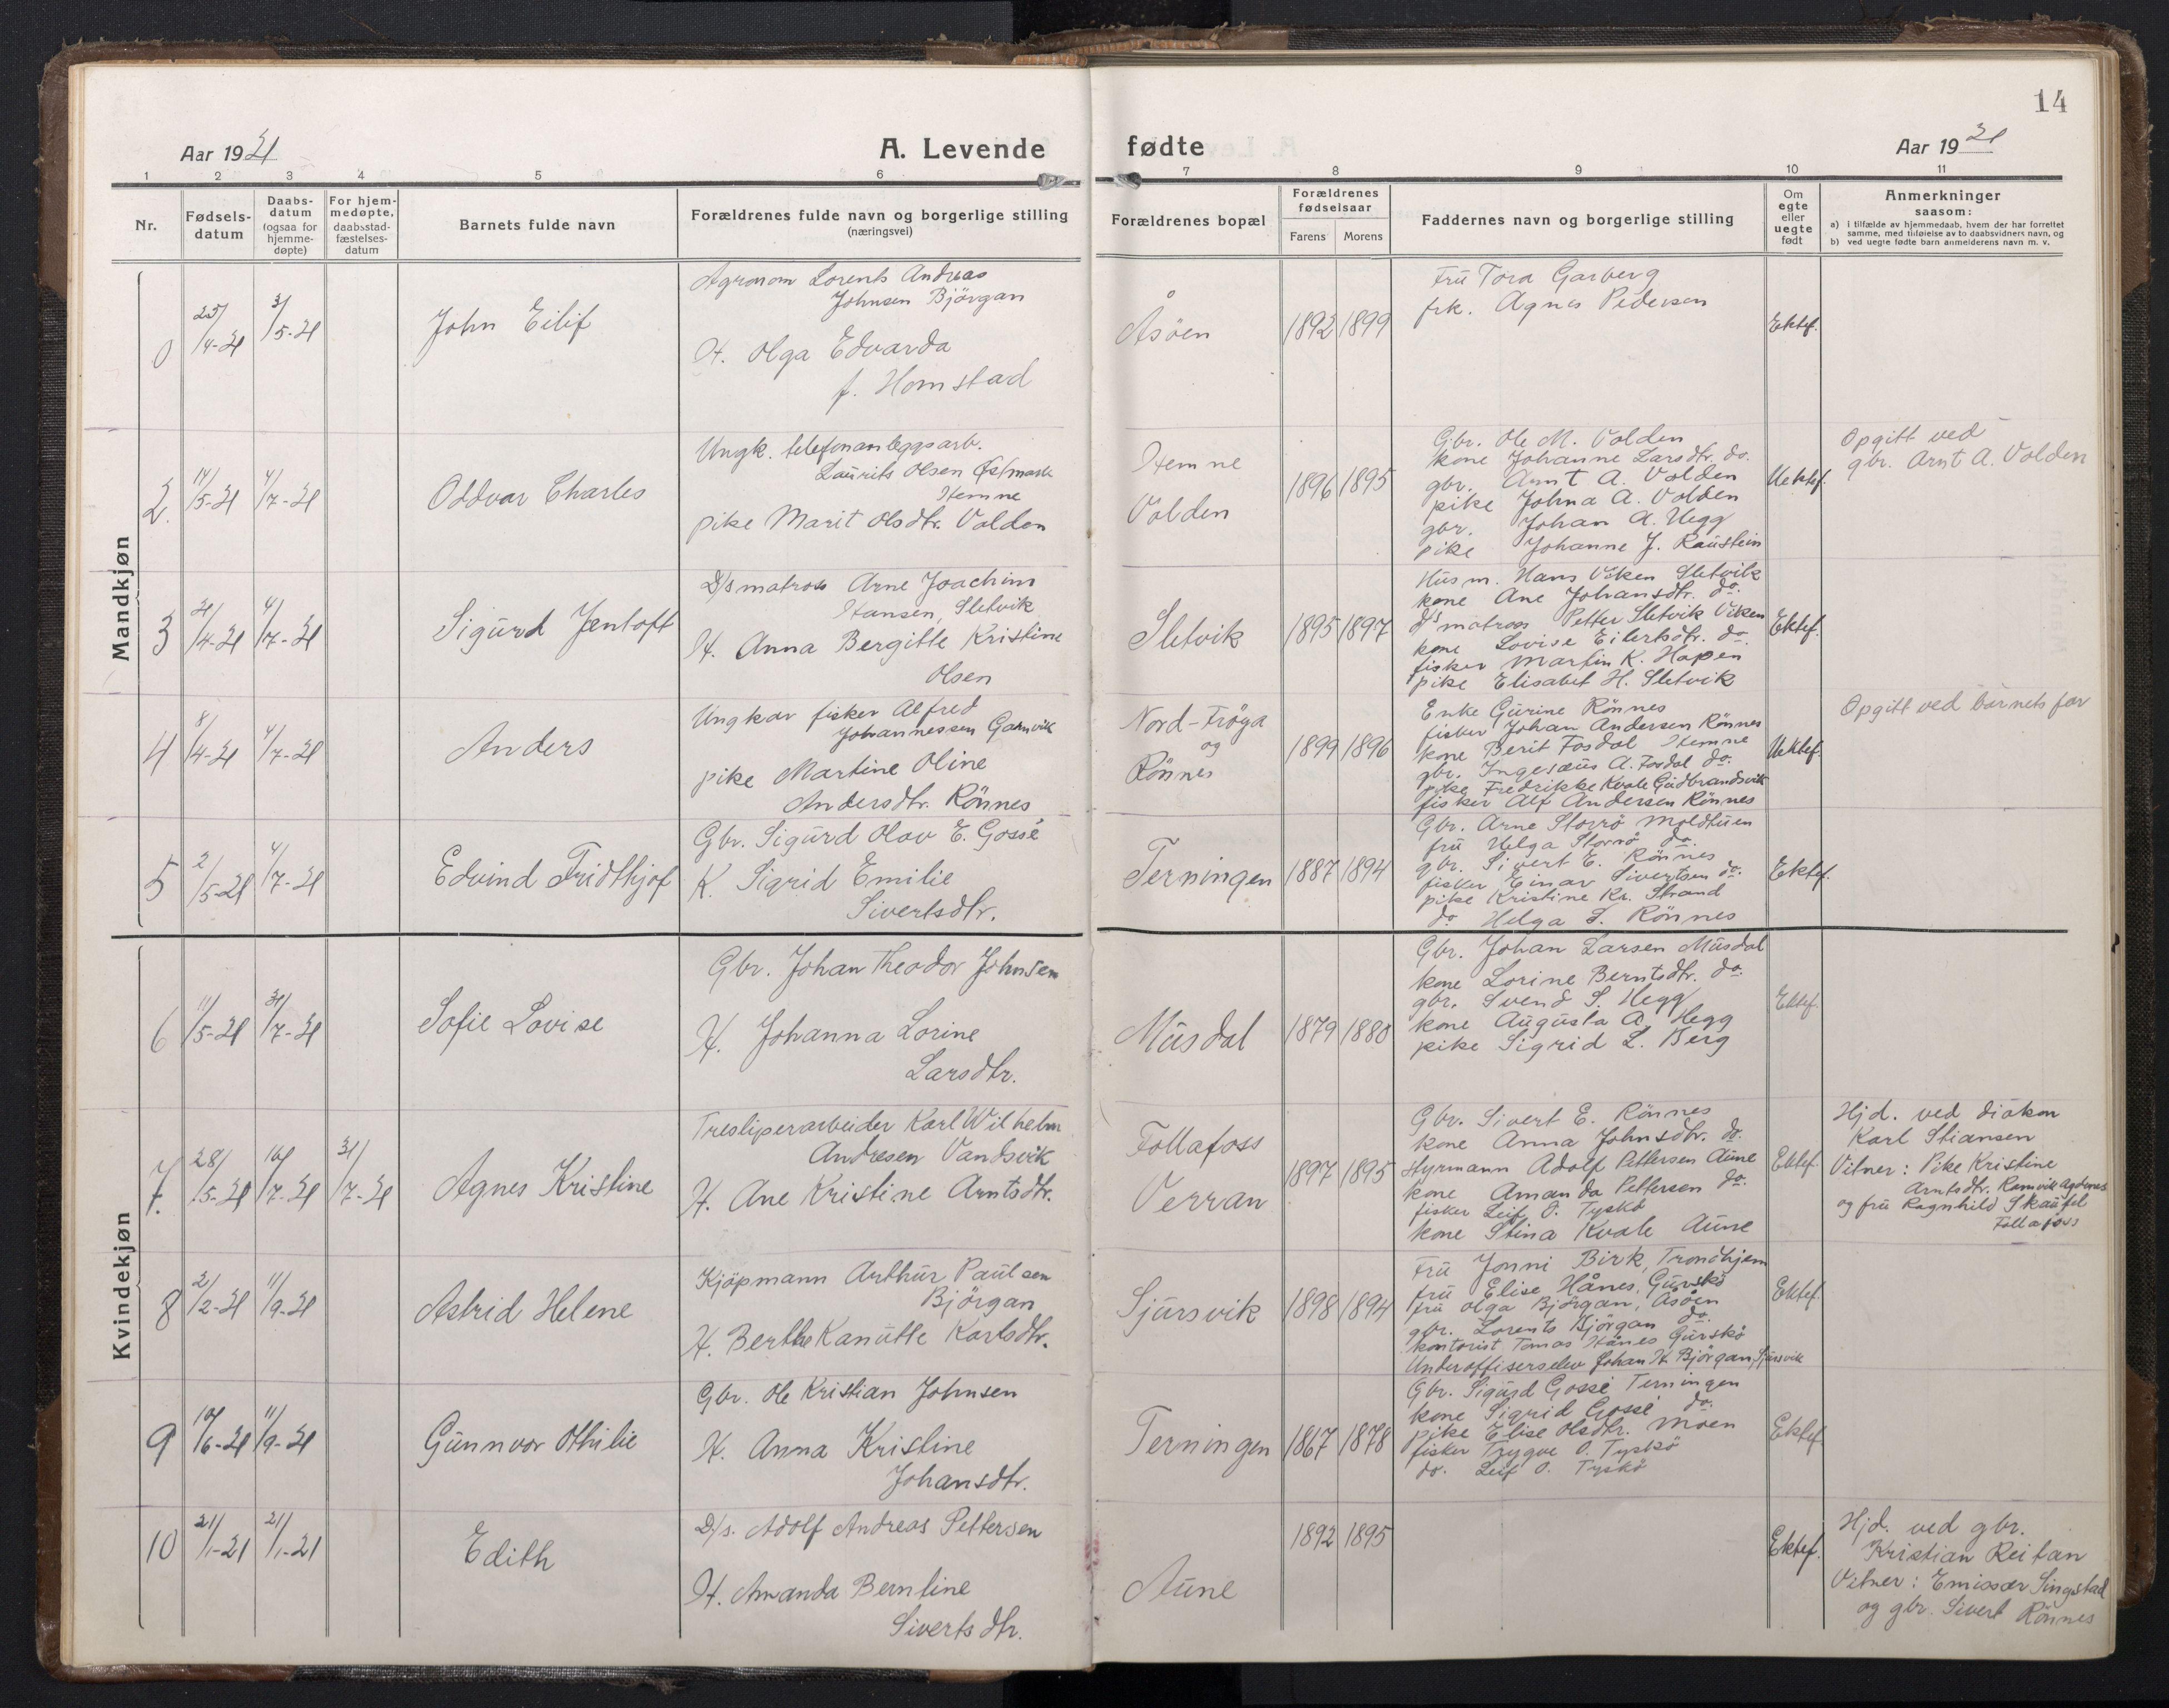 SAT, Ministerialprotokoller, klokkerbøker og fødselsregistre - Sør-Trøndelag, 662/L0758: Klokkerbok nr. 662C03, 1918-1948, s. 14